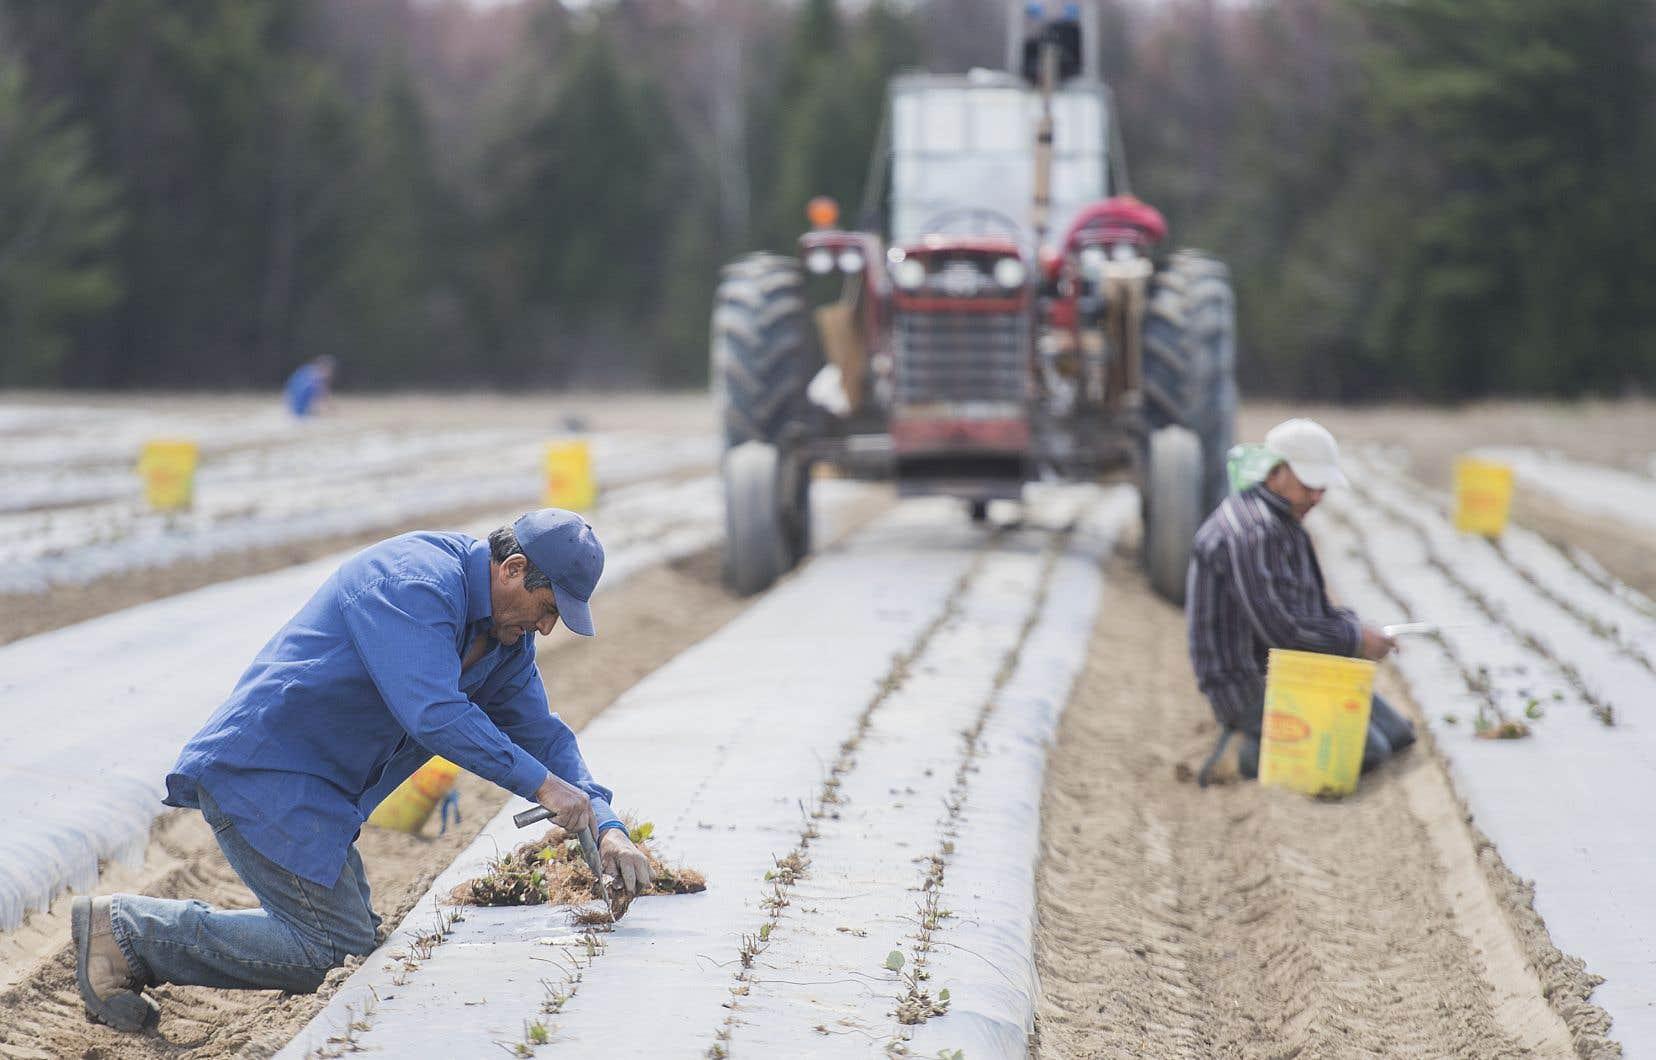 Les travailleurs étrangers temporaires forment aujourd'hui plus de 30% de la main-d'œuvre agricole du Québec.